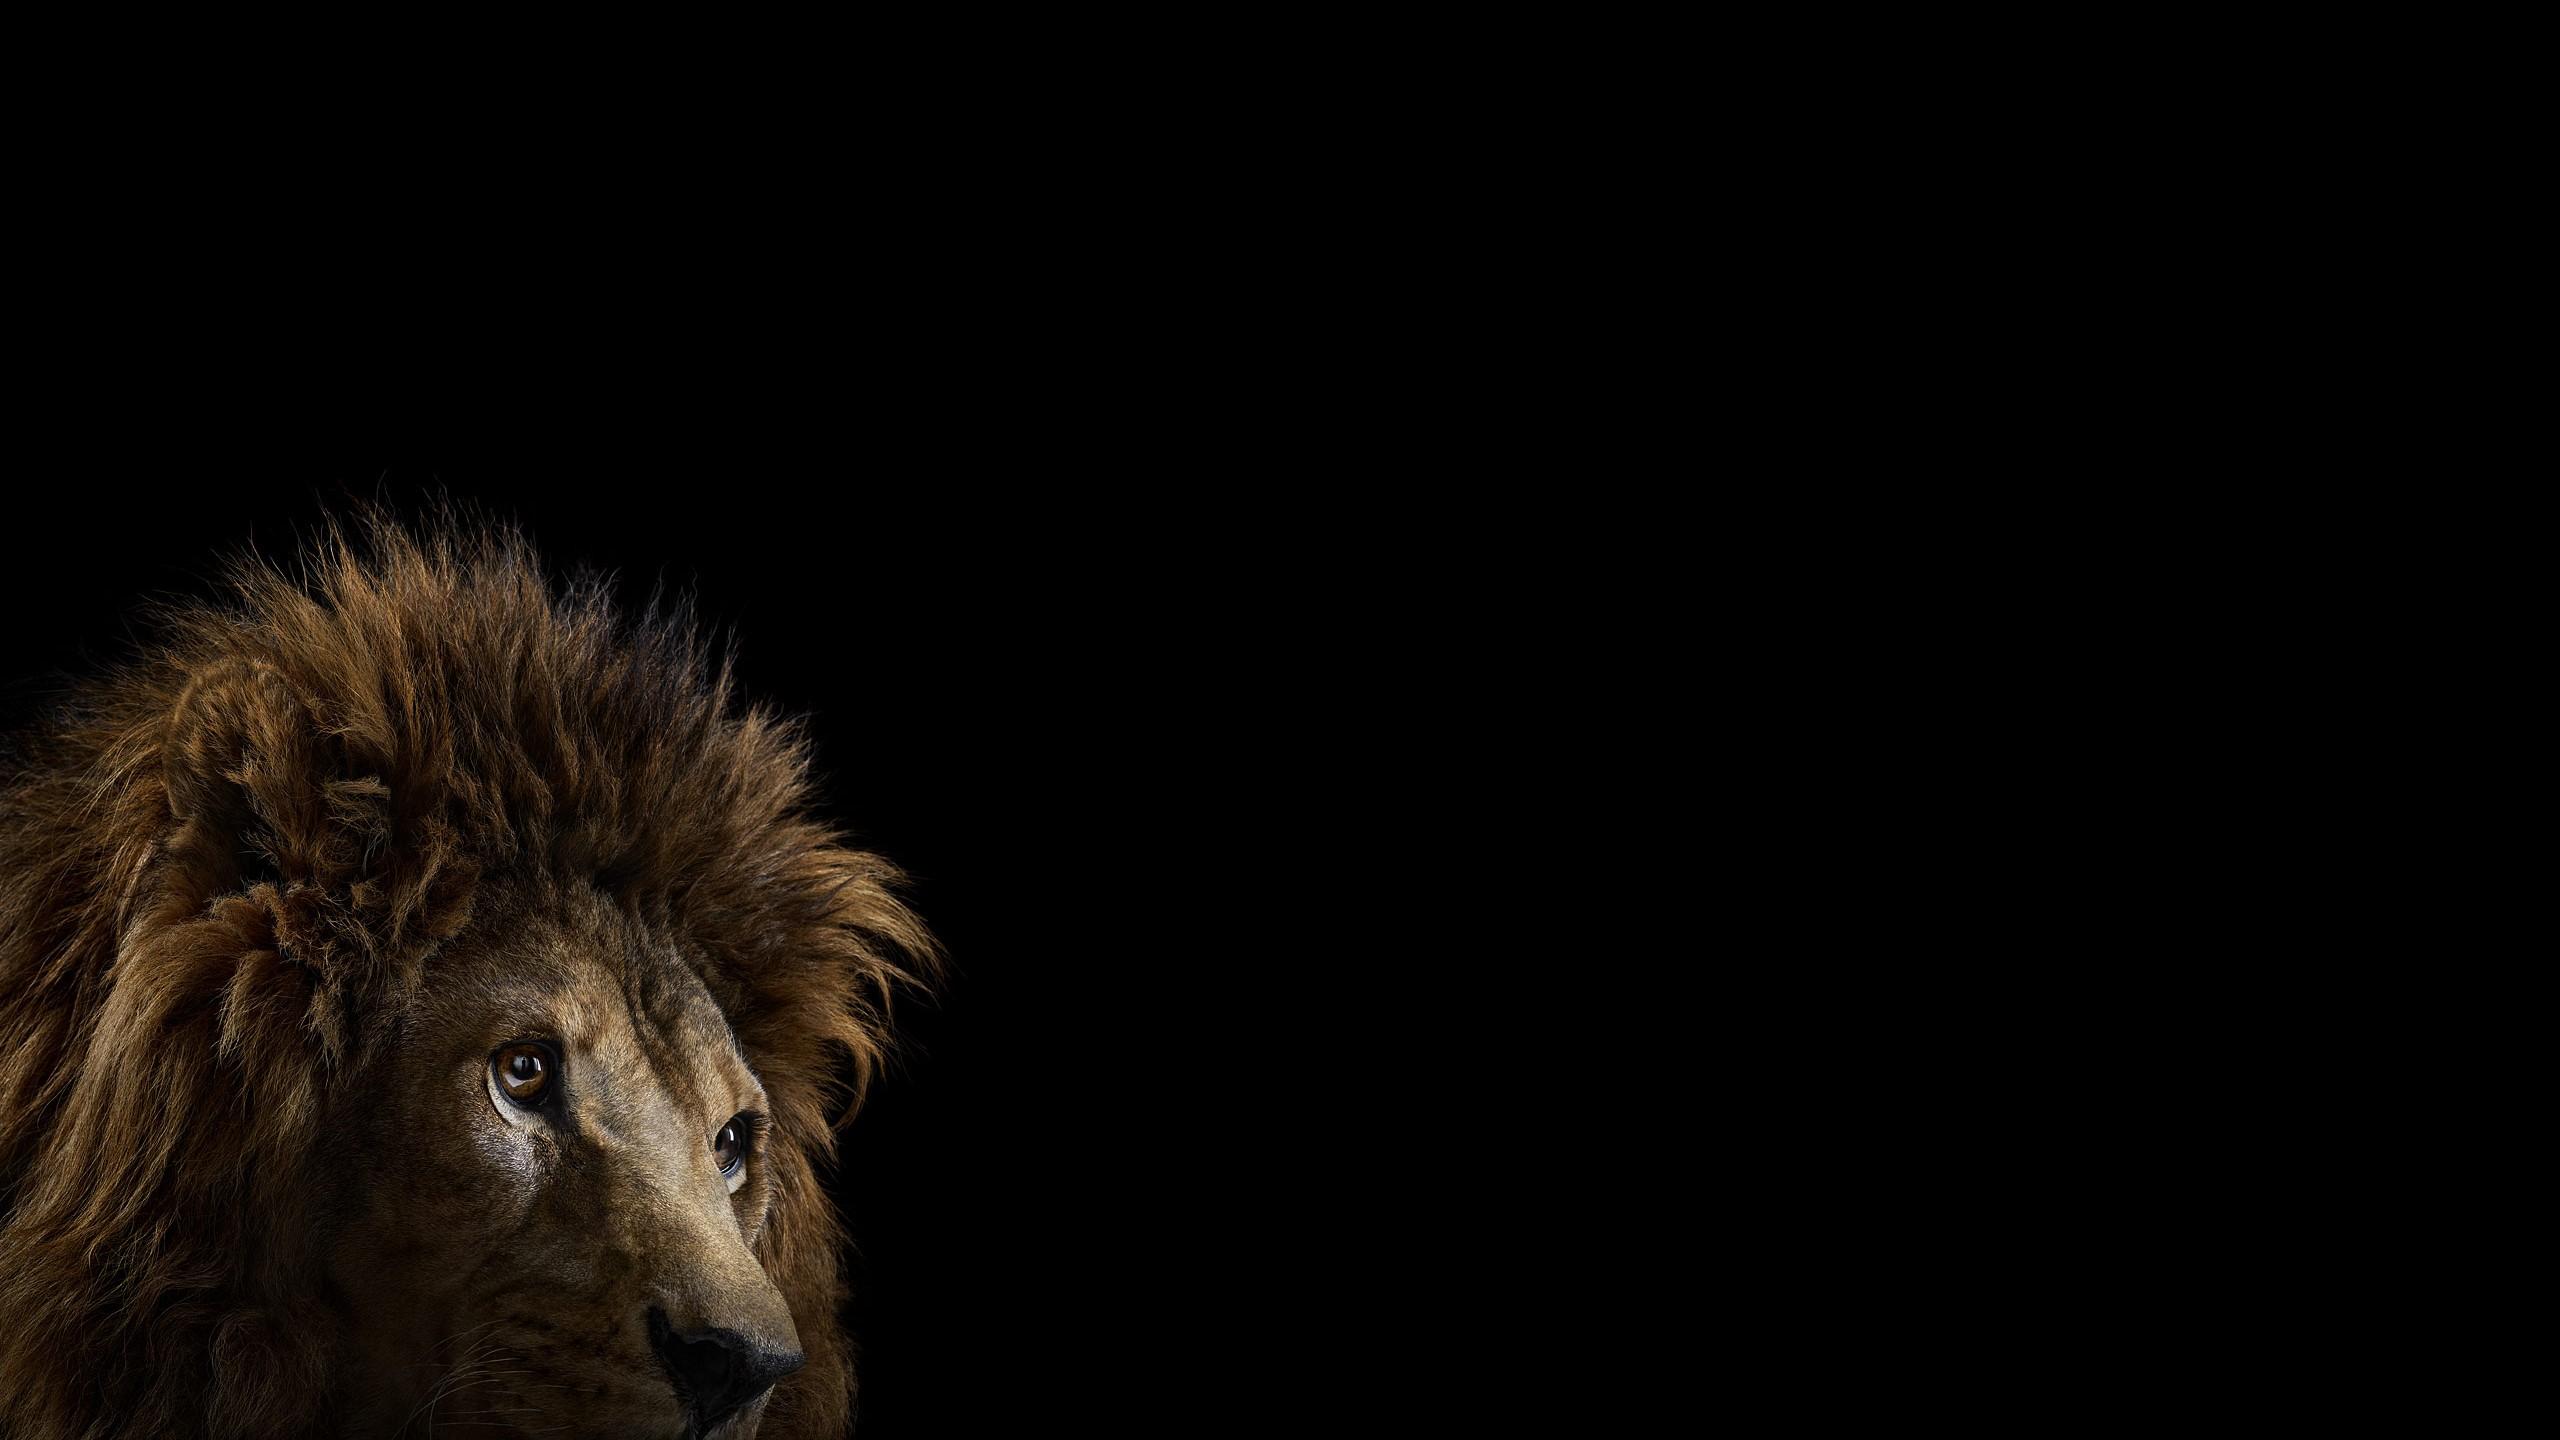 Fond Décran Chat Fond Simple La Photographie Lion